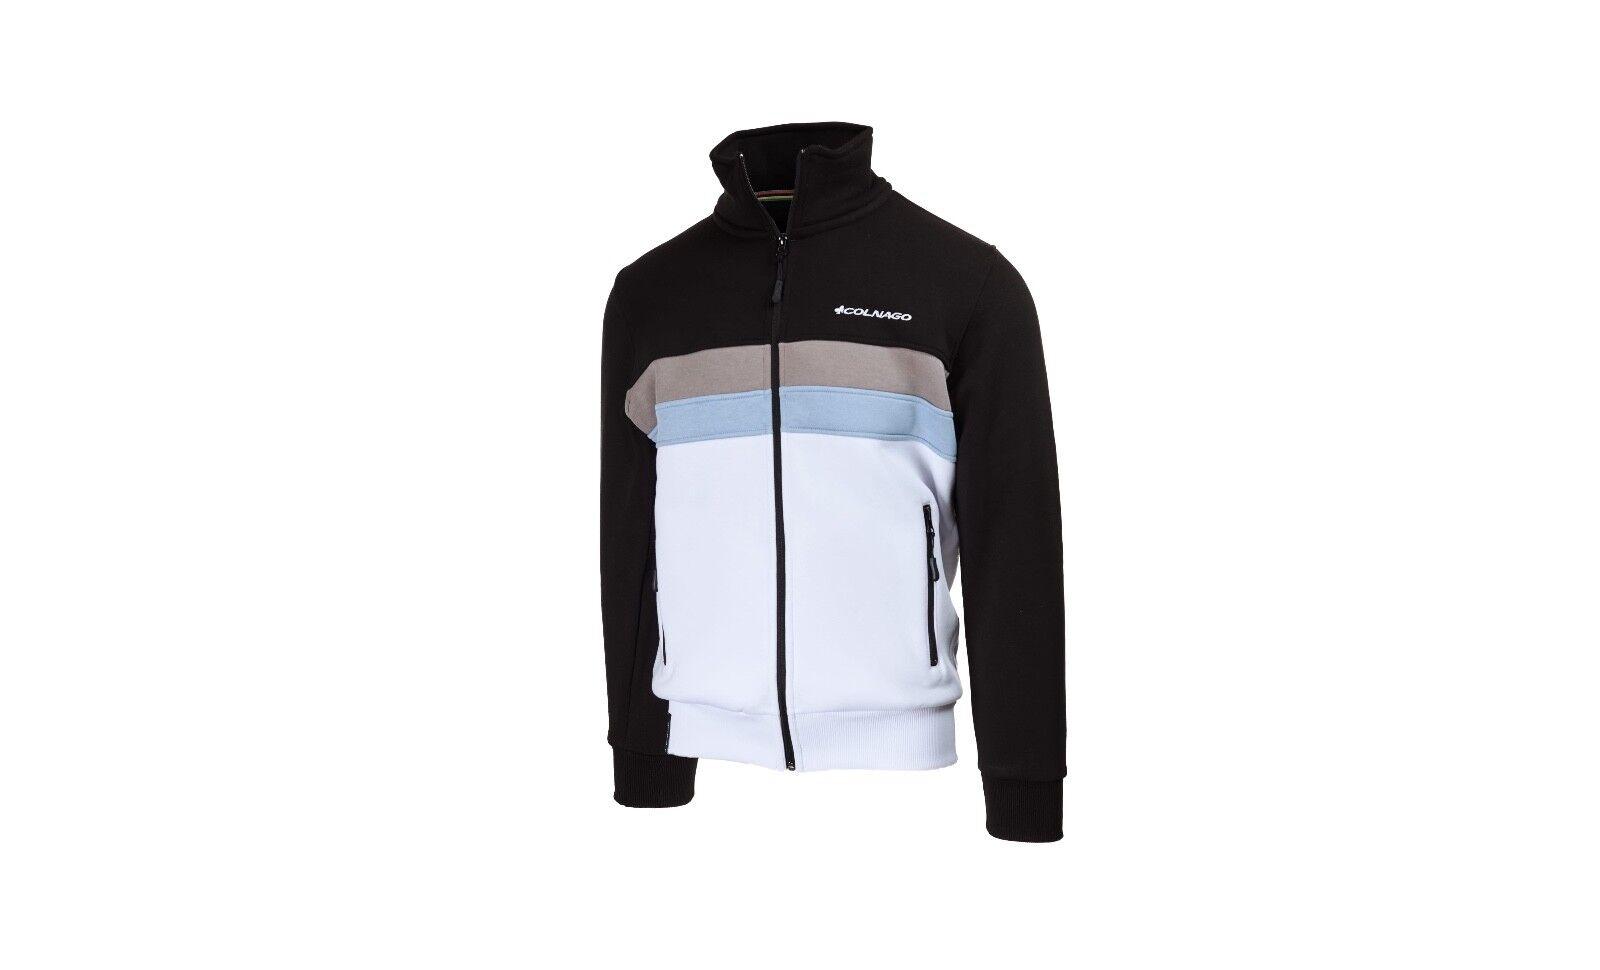 Sweatshirt Colnago Audes Reißverschluss Schwarz Weiß Größe L